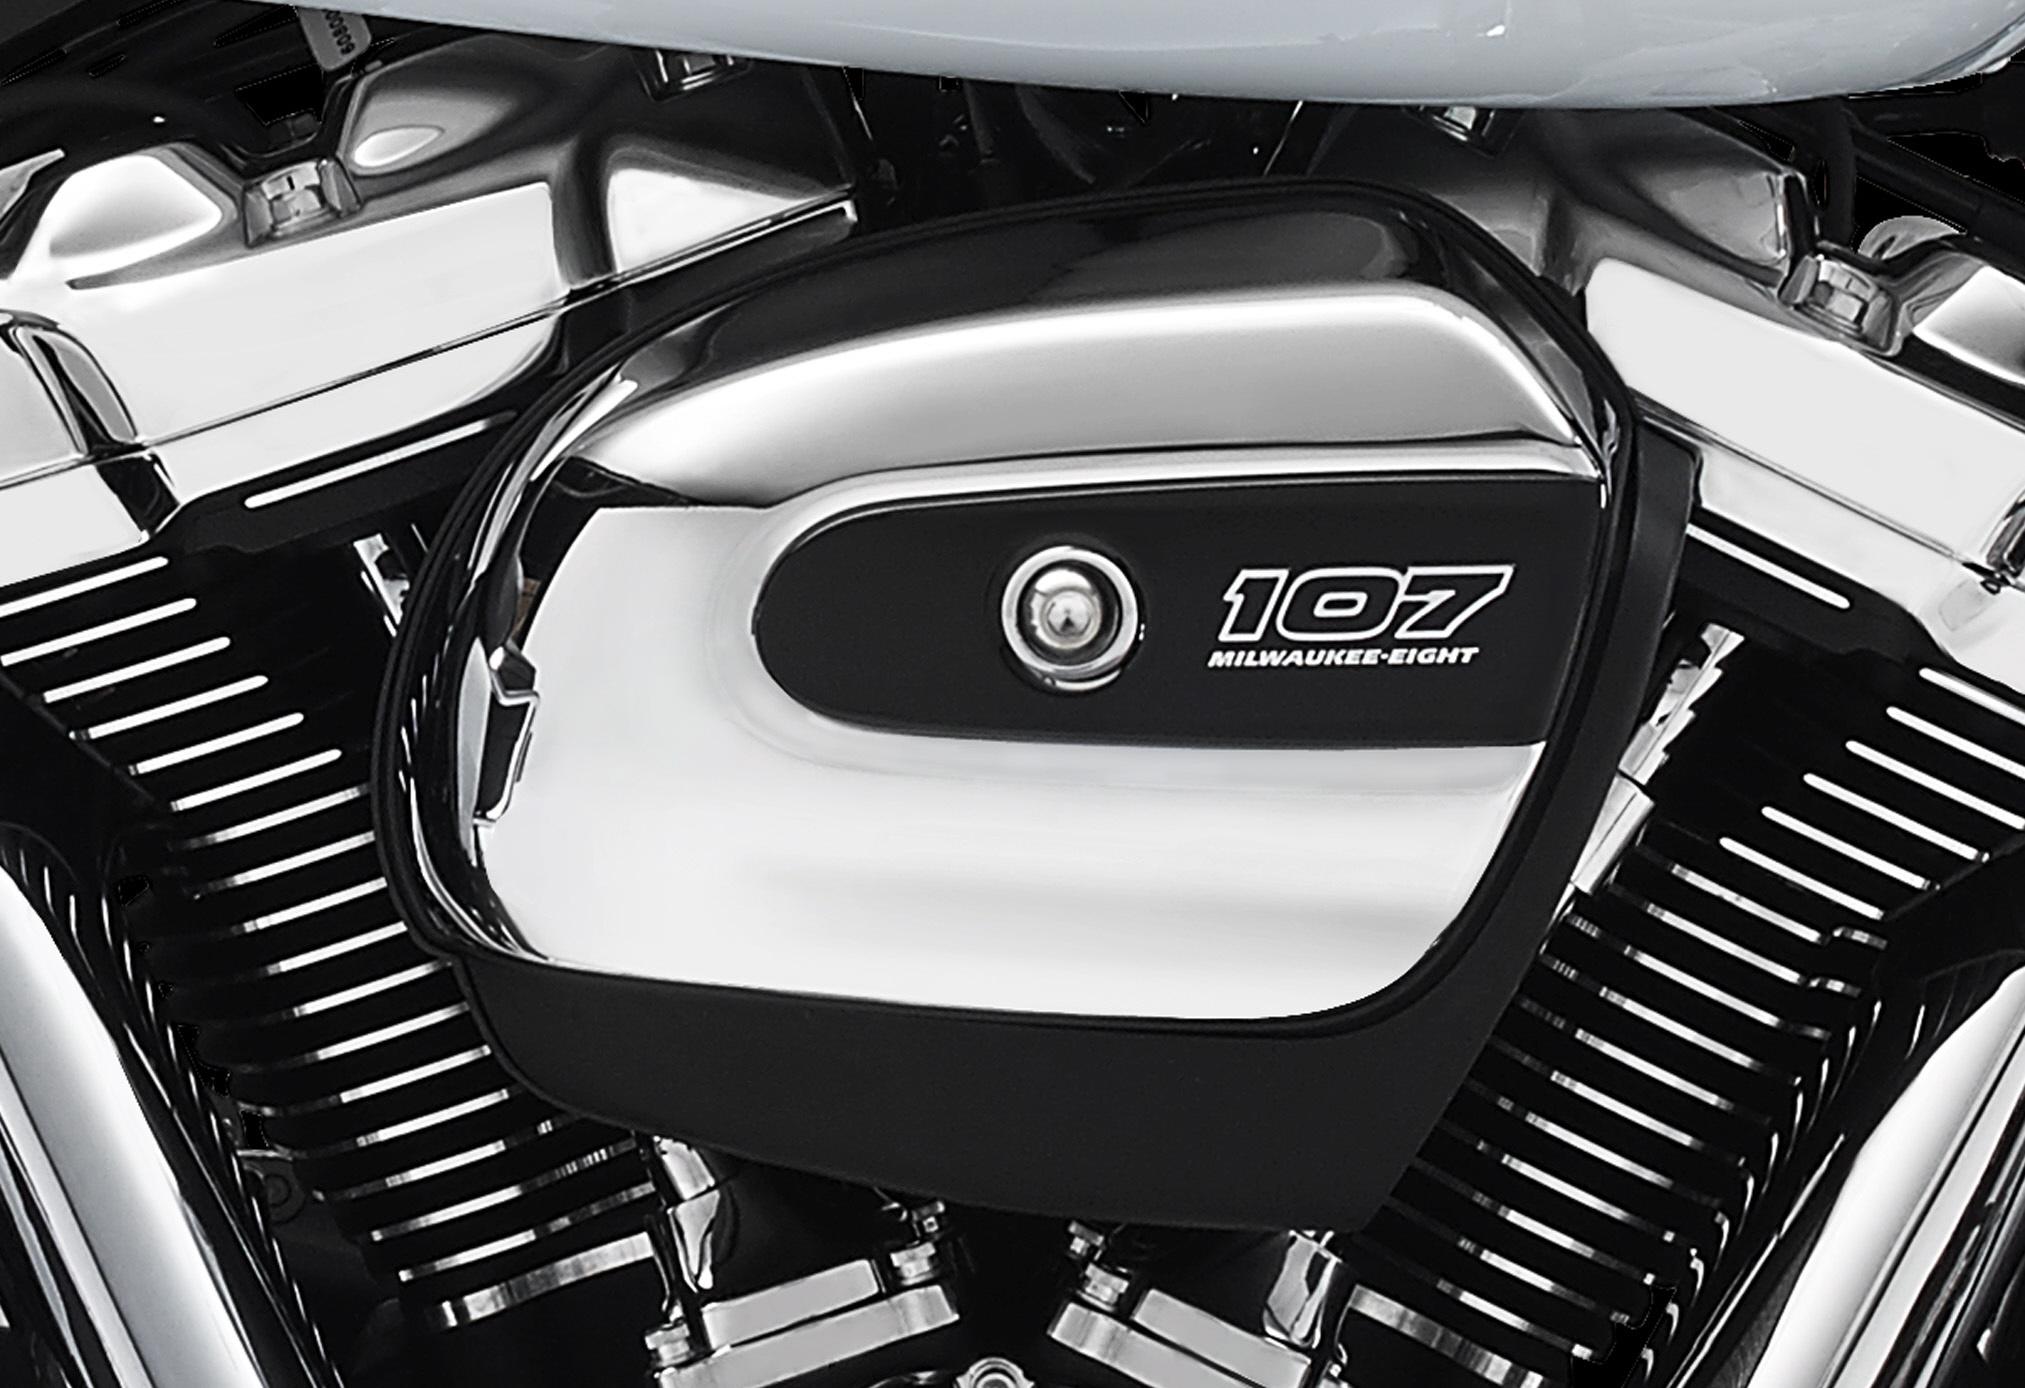 La nouvelle génération de bicylindres en V Harley-Davidson®